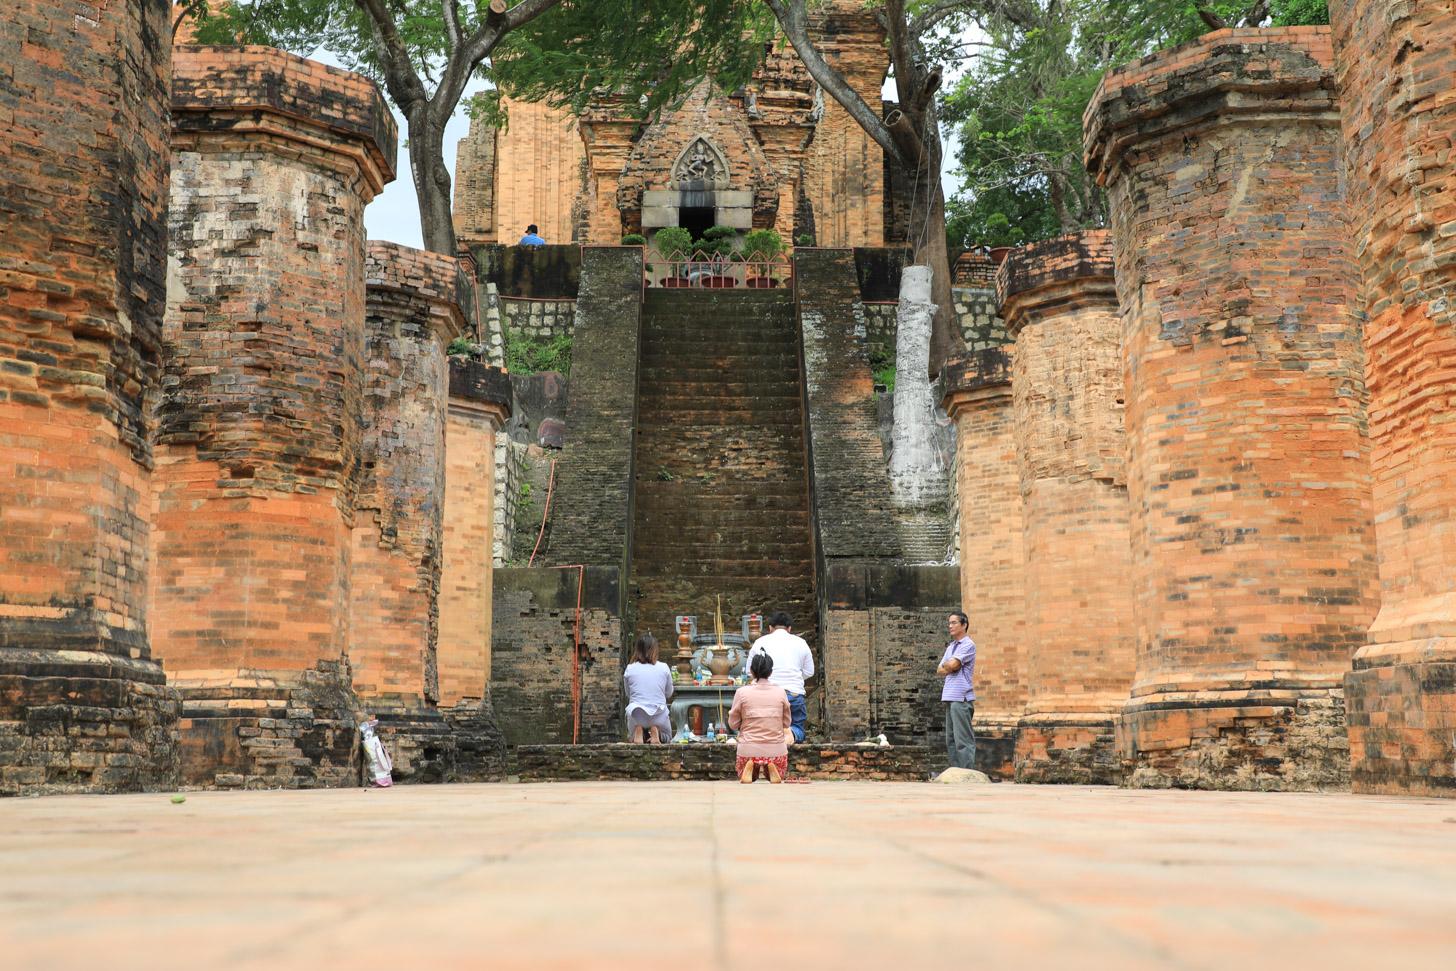 Po Nagar tempel